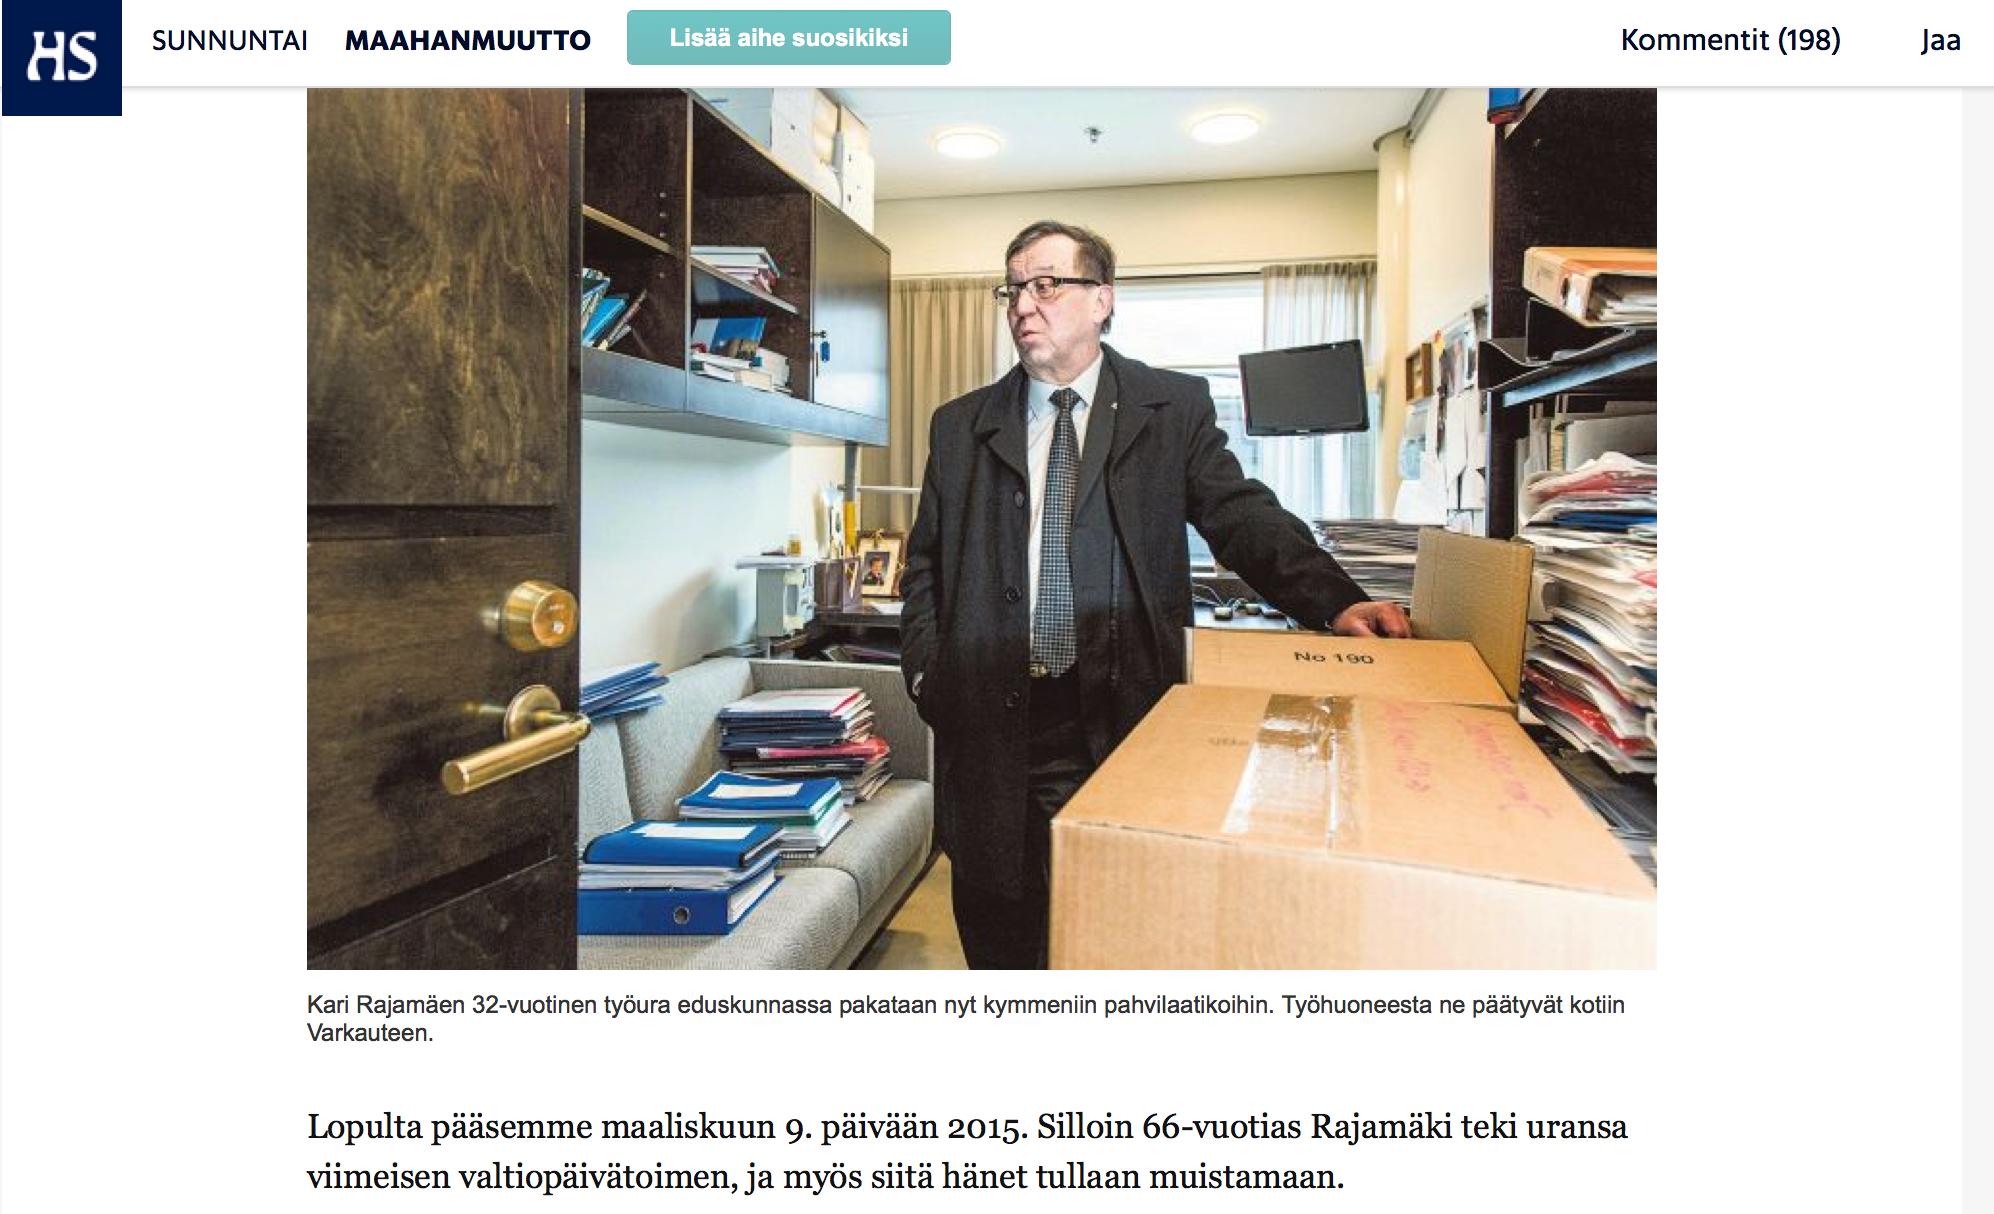 Kuinka Kari Rajamäen väite tarkistettiin vaihe vaiheelta